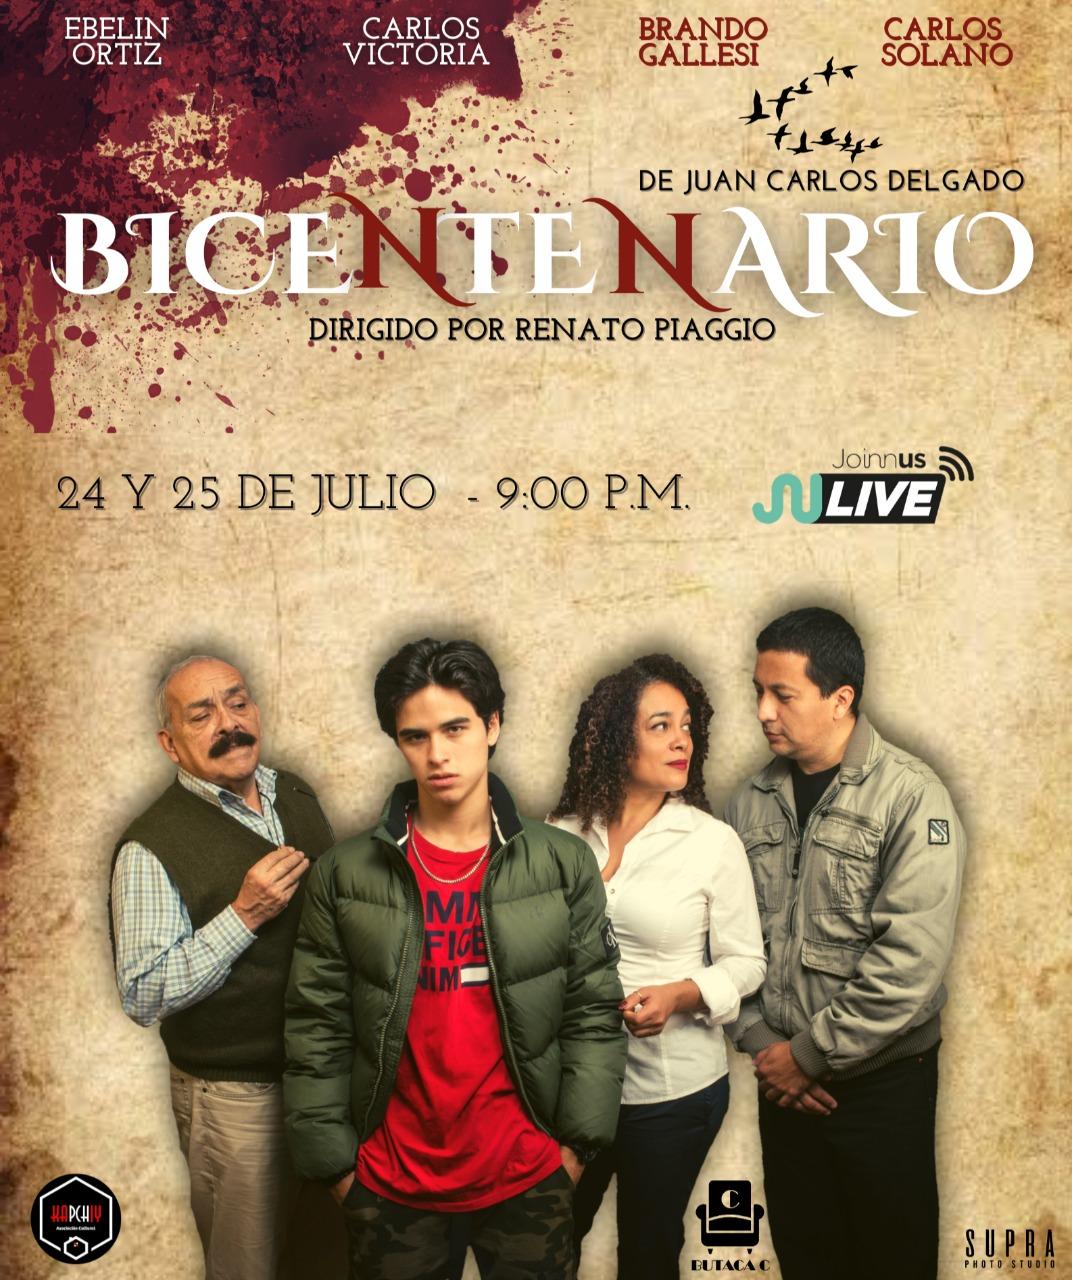 Foto de Se estrena la obra virtual Bicentenario con Carlos Victoria y Ebelin Ortiz